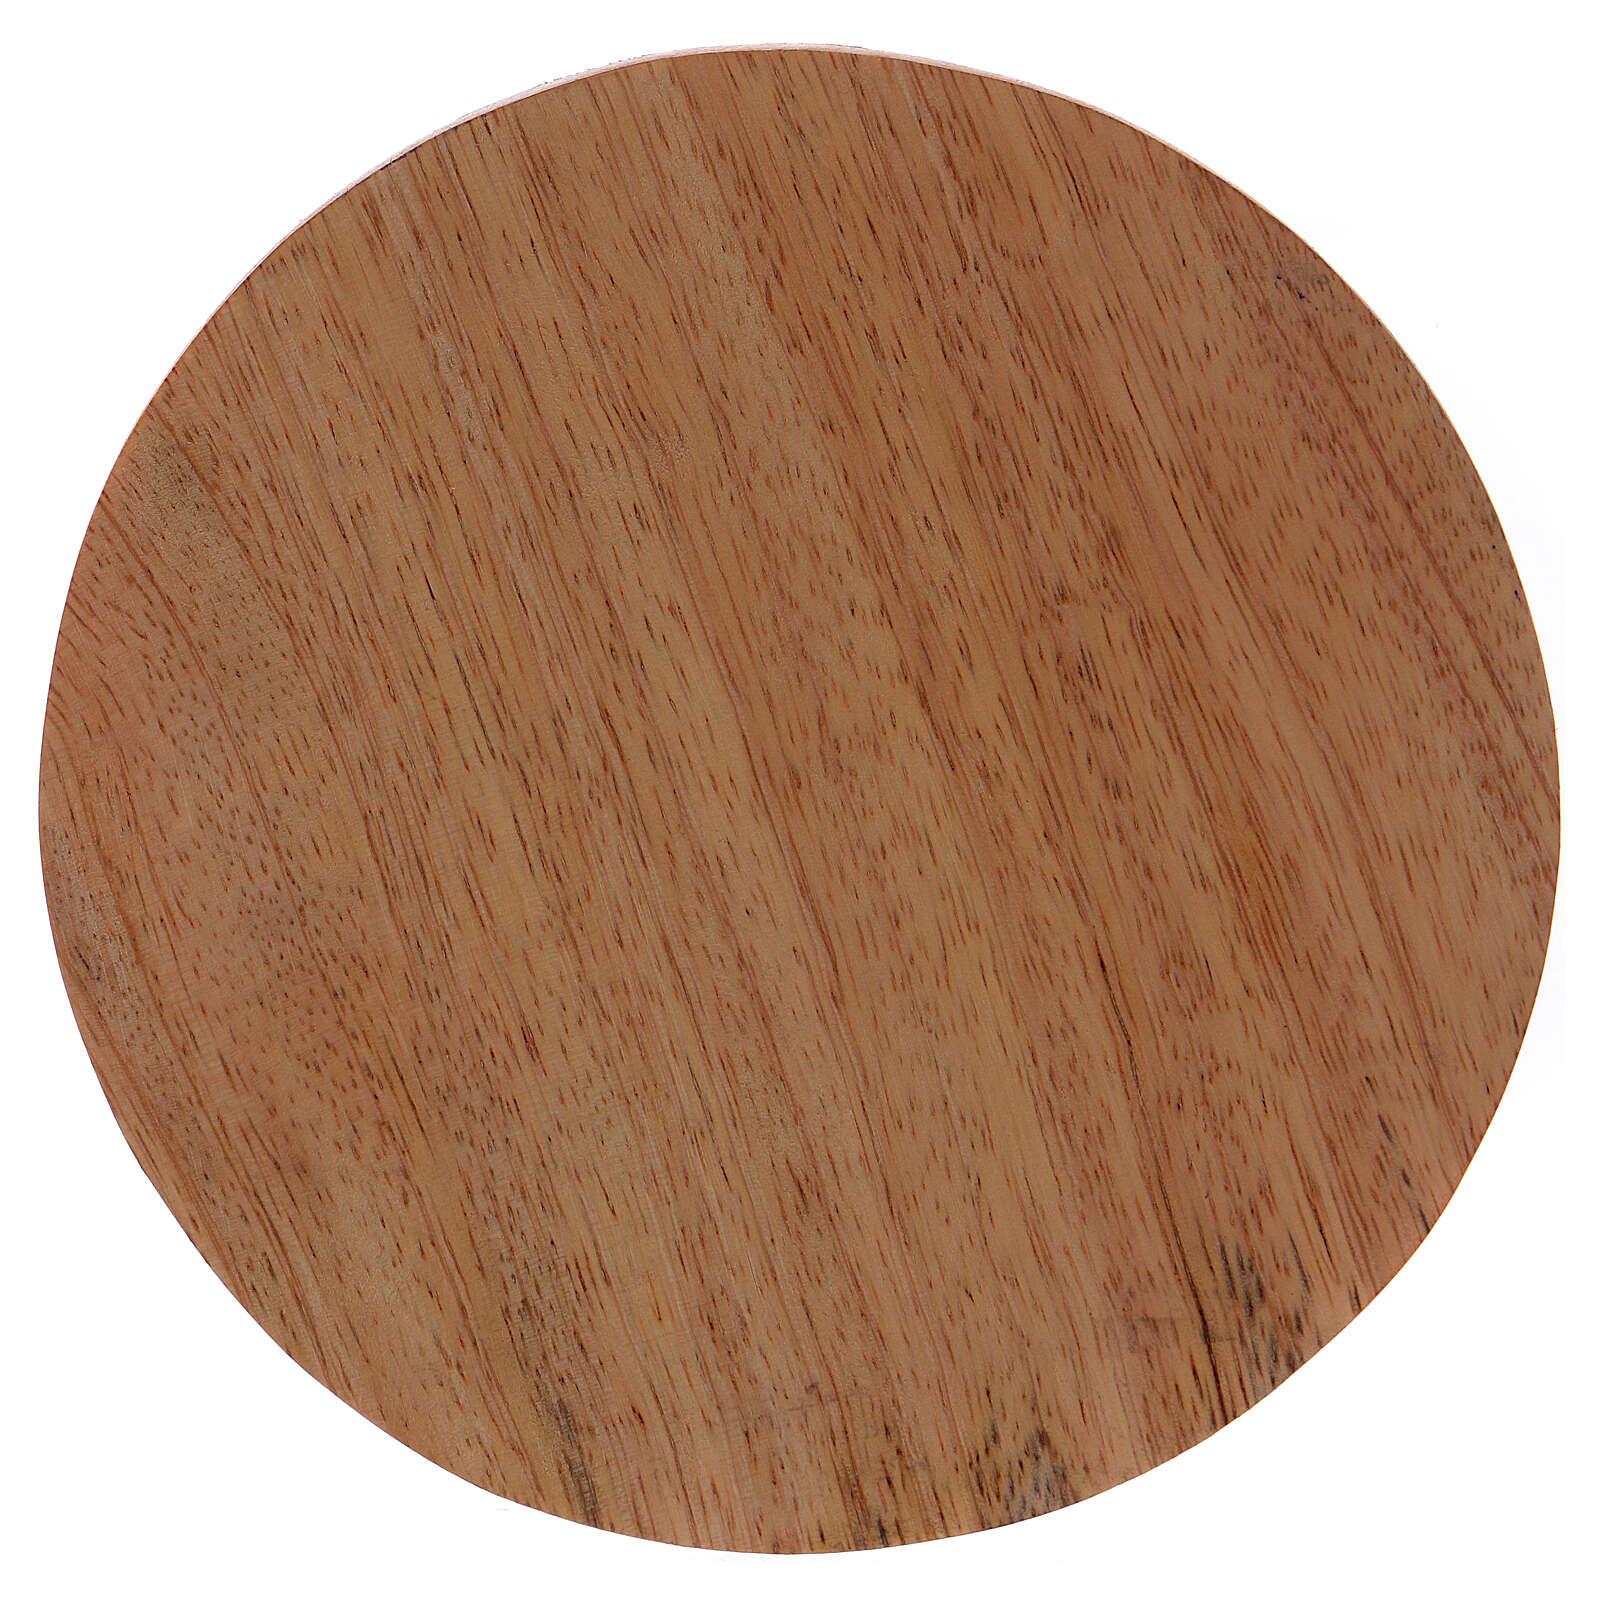 Round dark mango wood candle holder plate 4 3/4 in 3